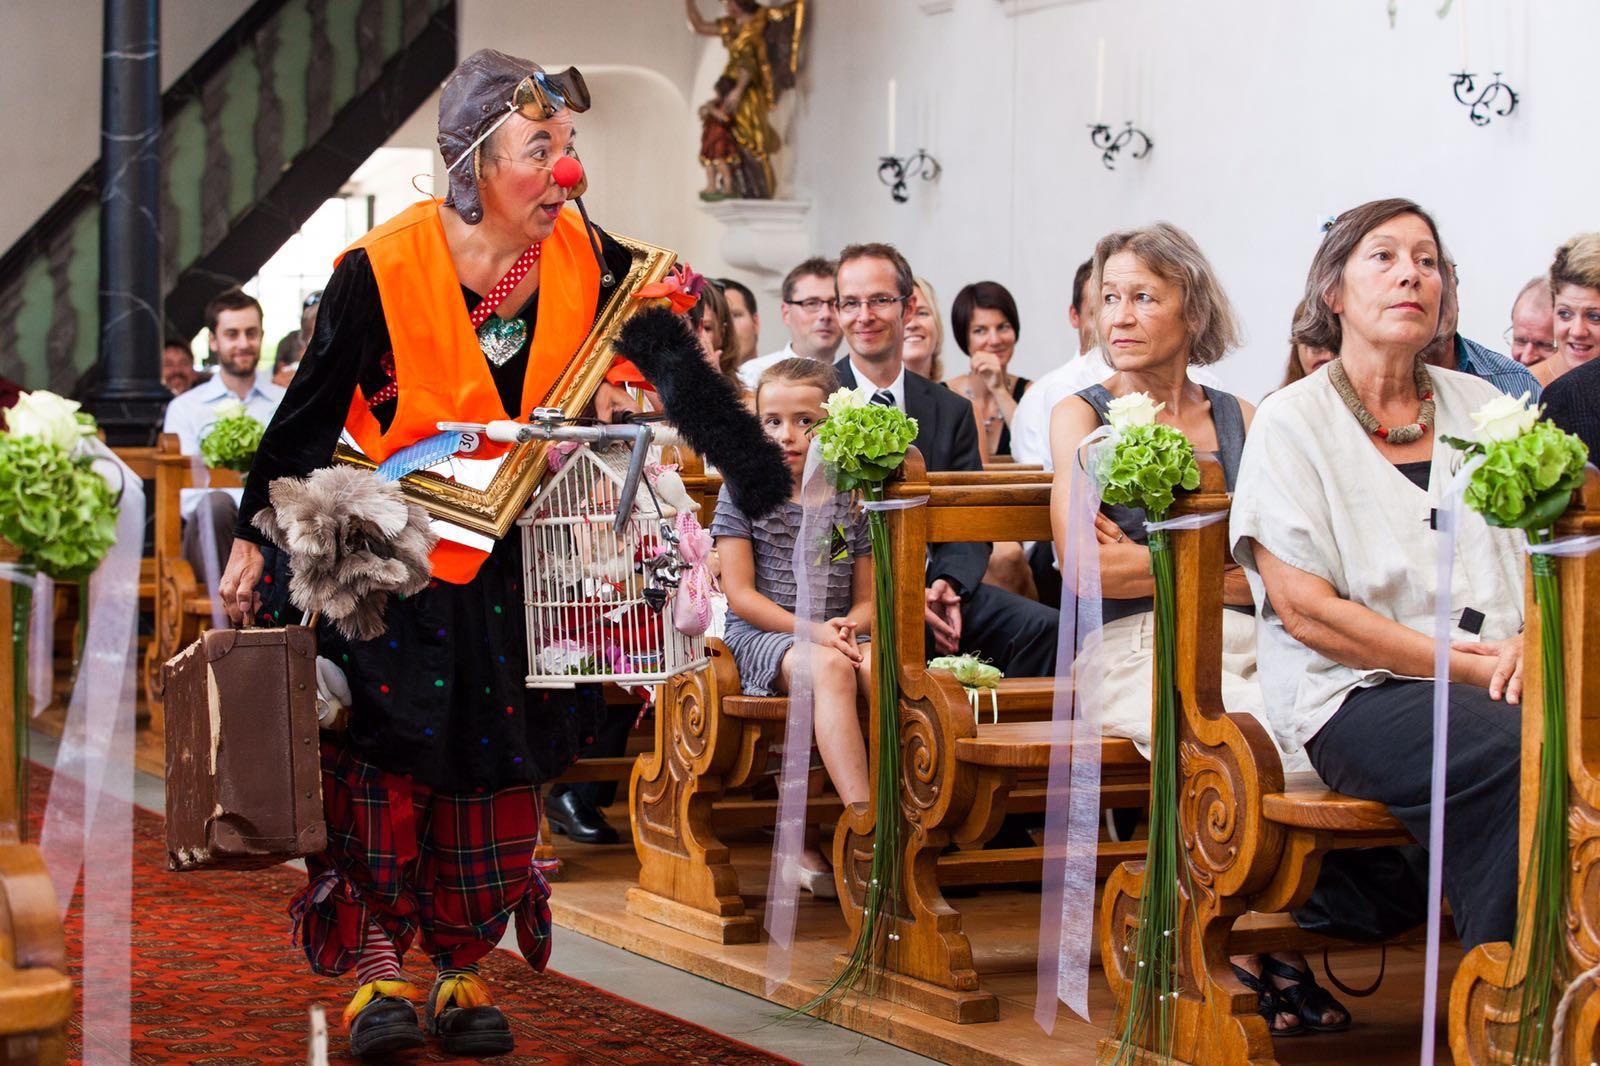 Clown Susi auf dem Weg zum Altar